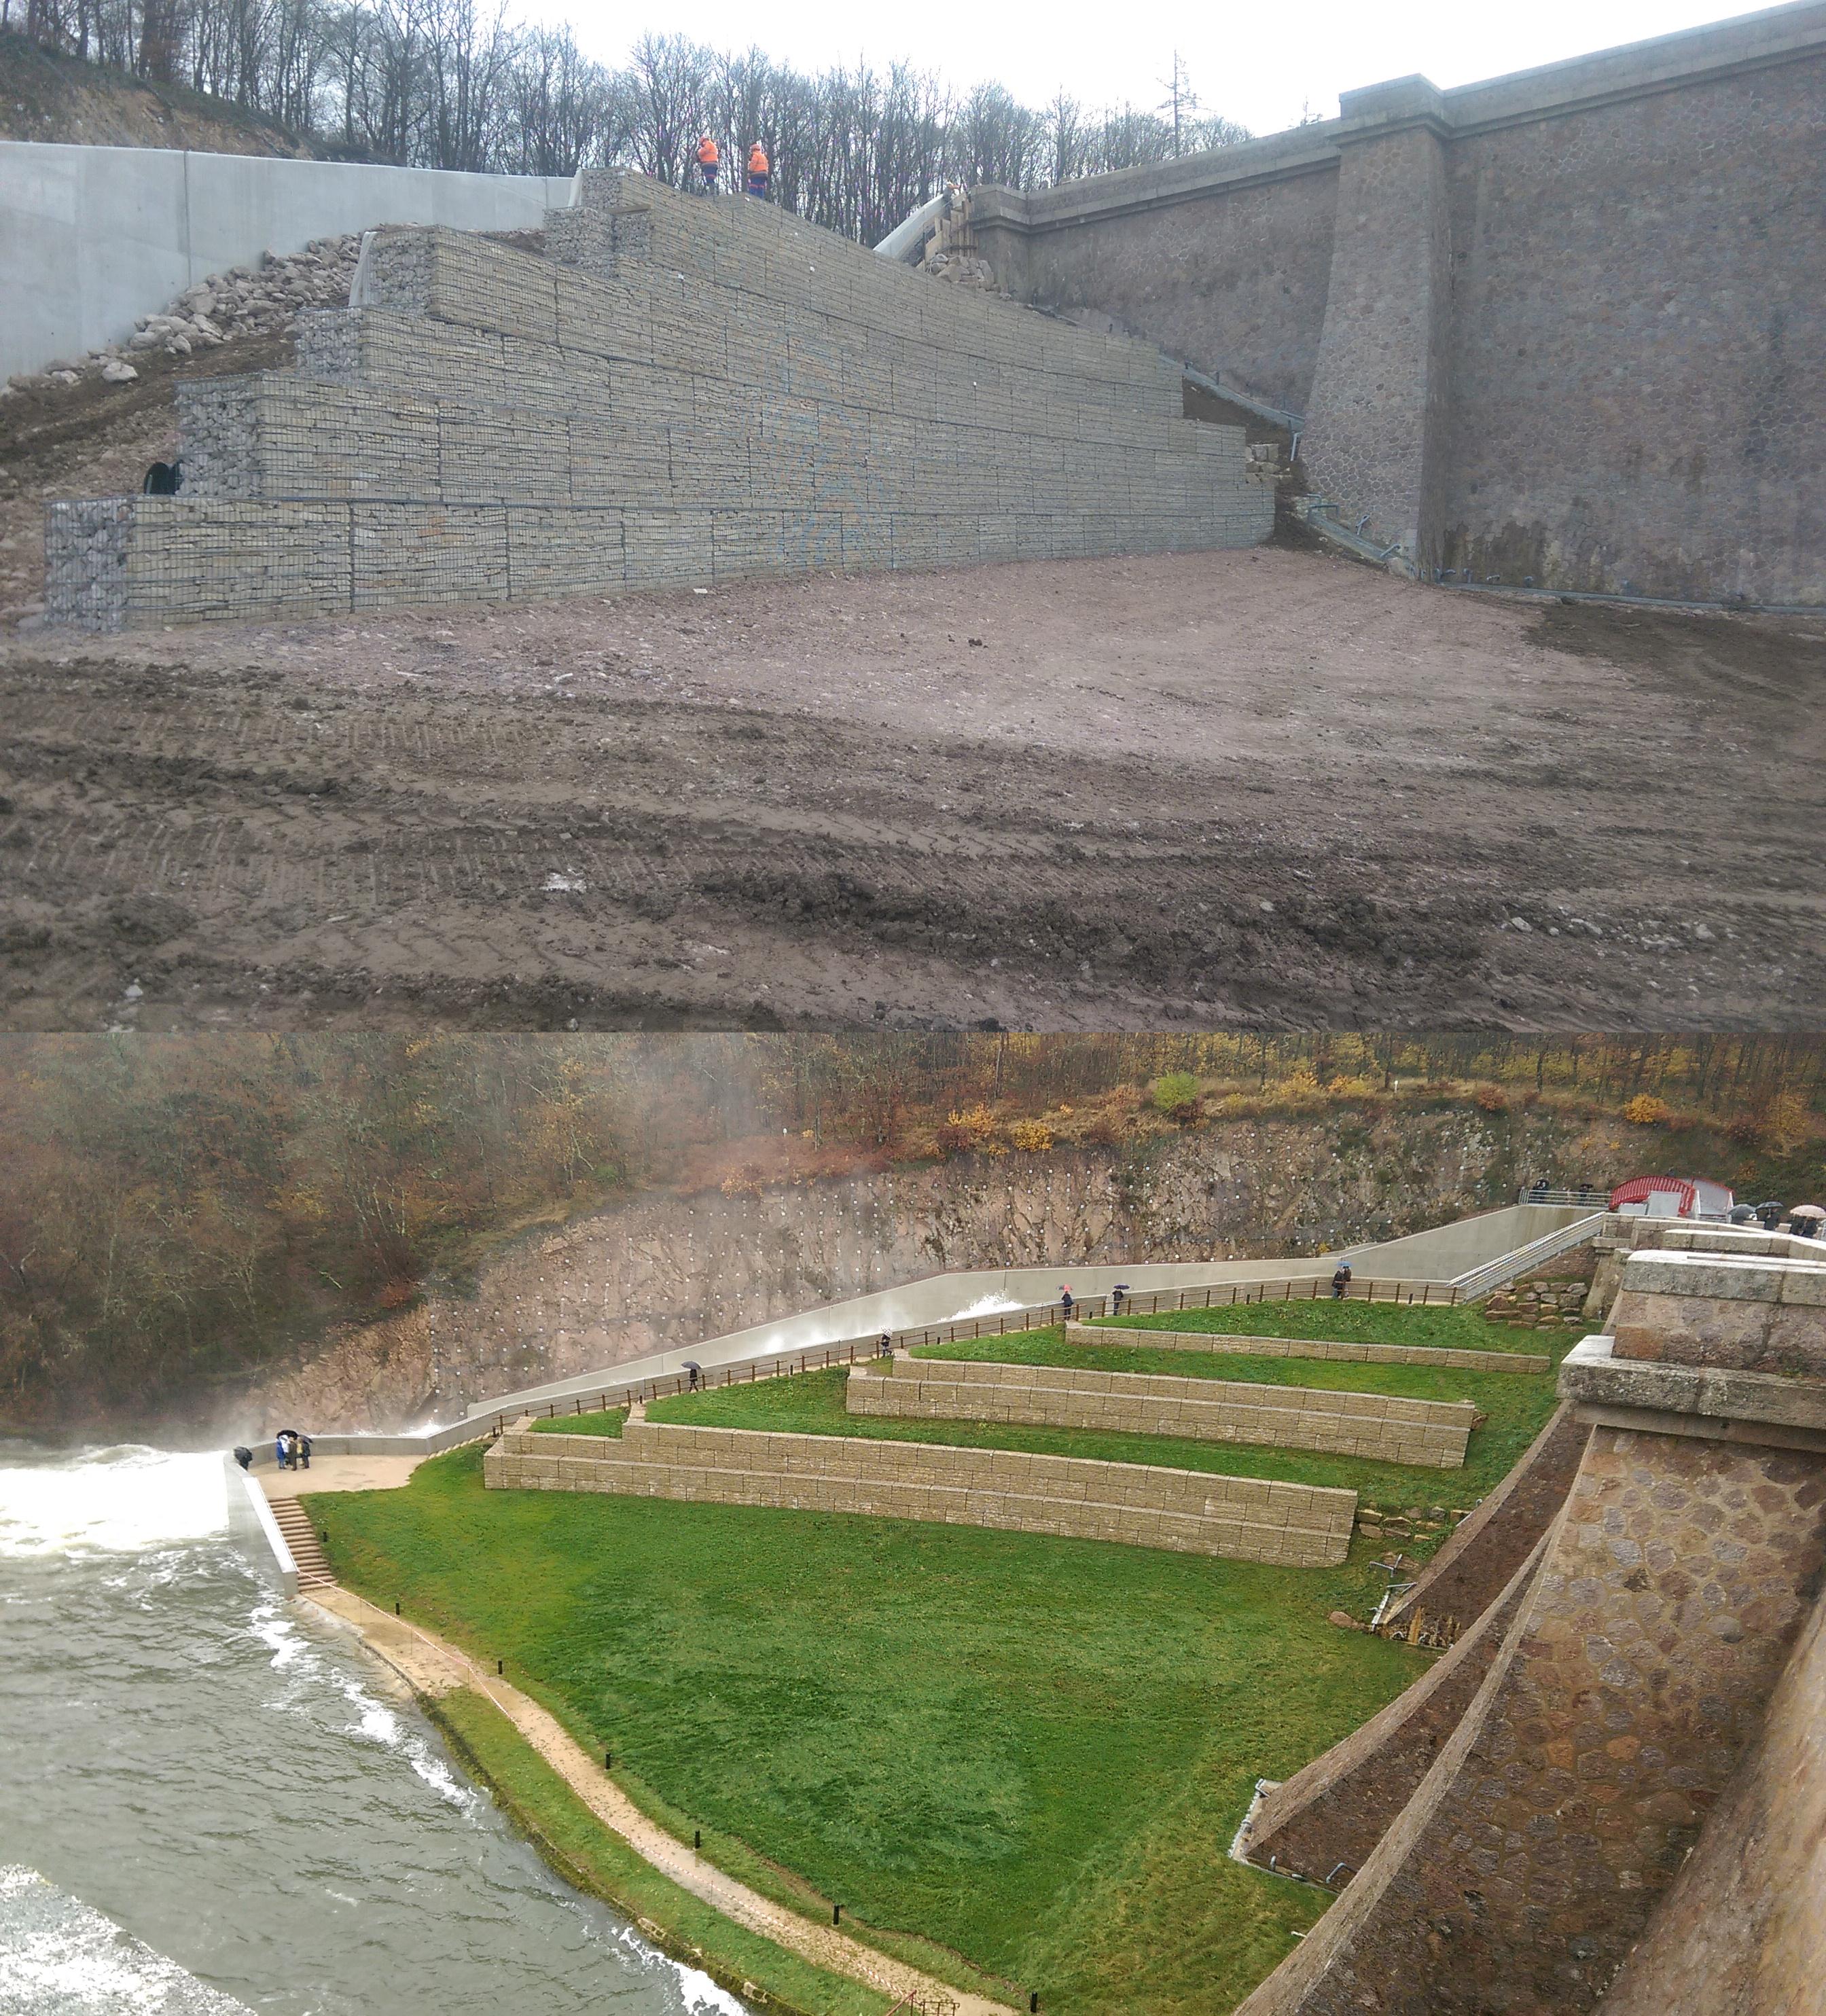 pont et massène barrage mur soutènement appareillage gabion SETP 2016